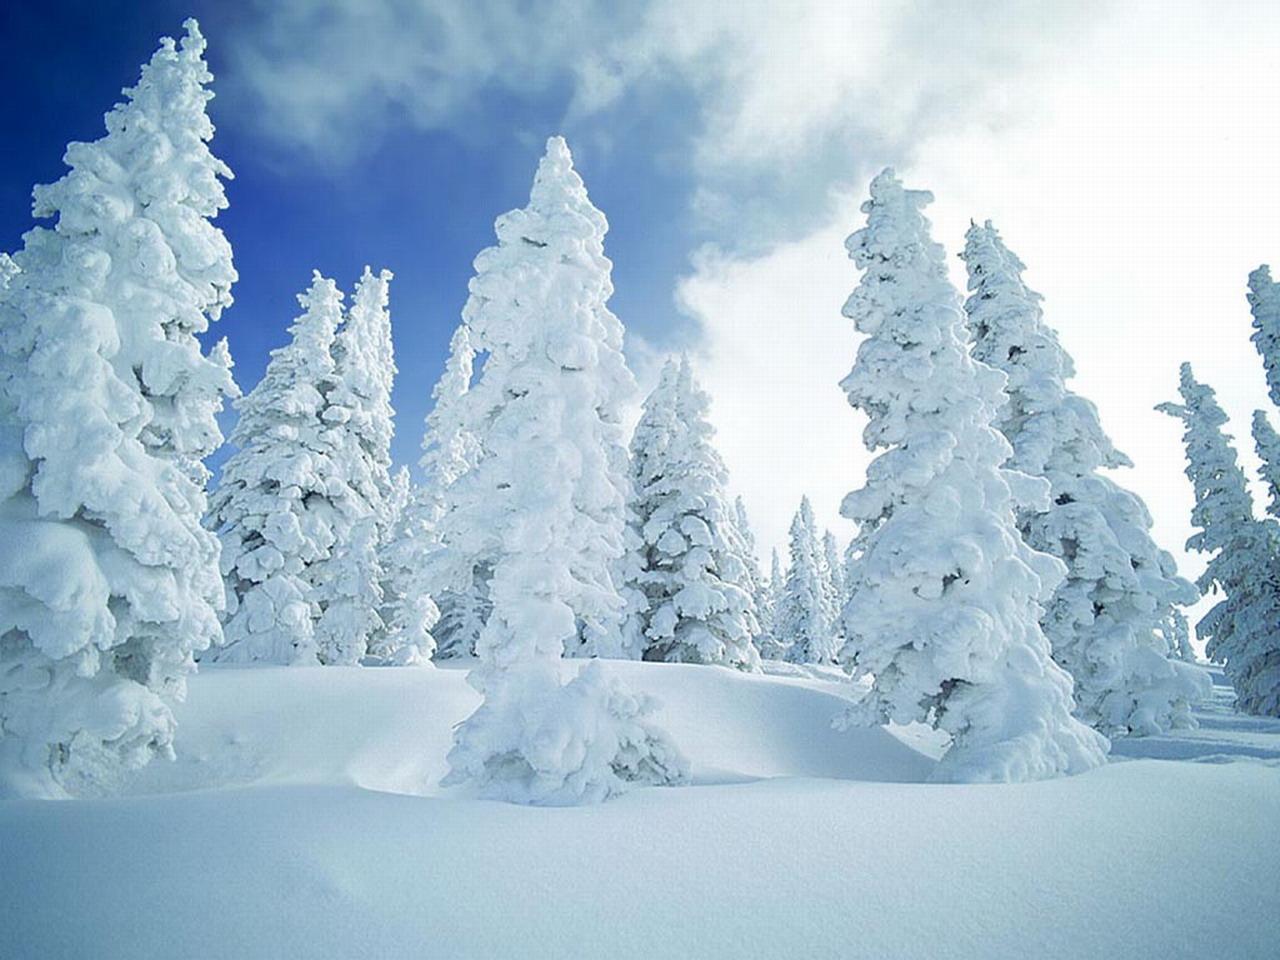 Chronique radio nergie 104 1 sur les applications mobiles pour l 39 hiver macqu bec - Couvrir arbuste pour l hiver ...